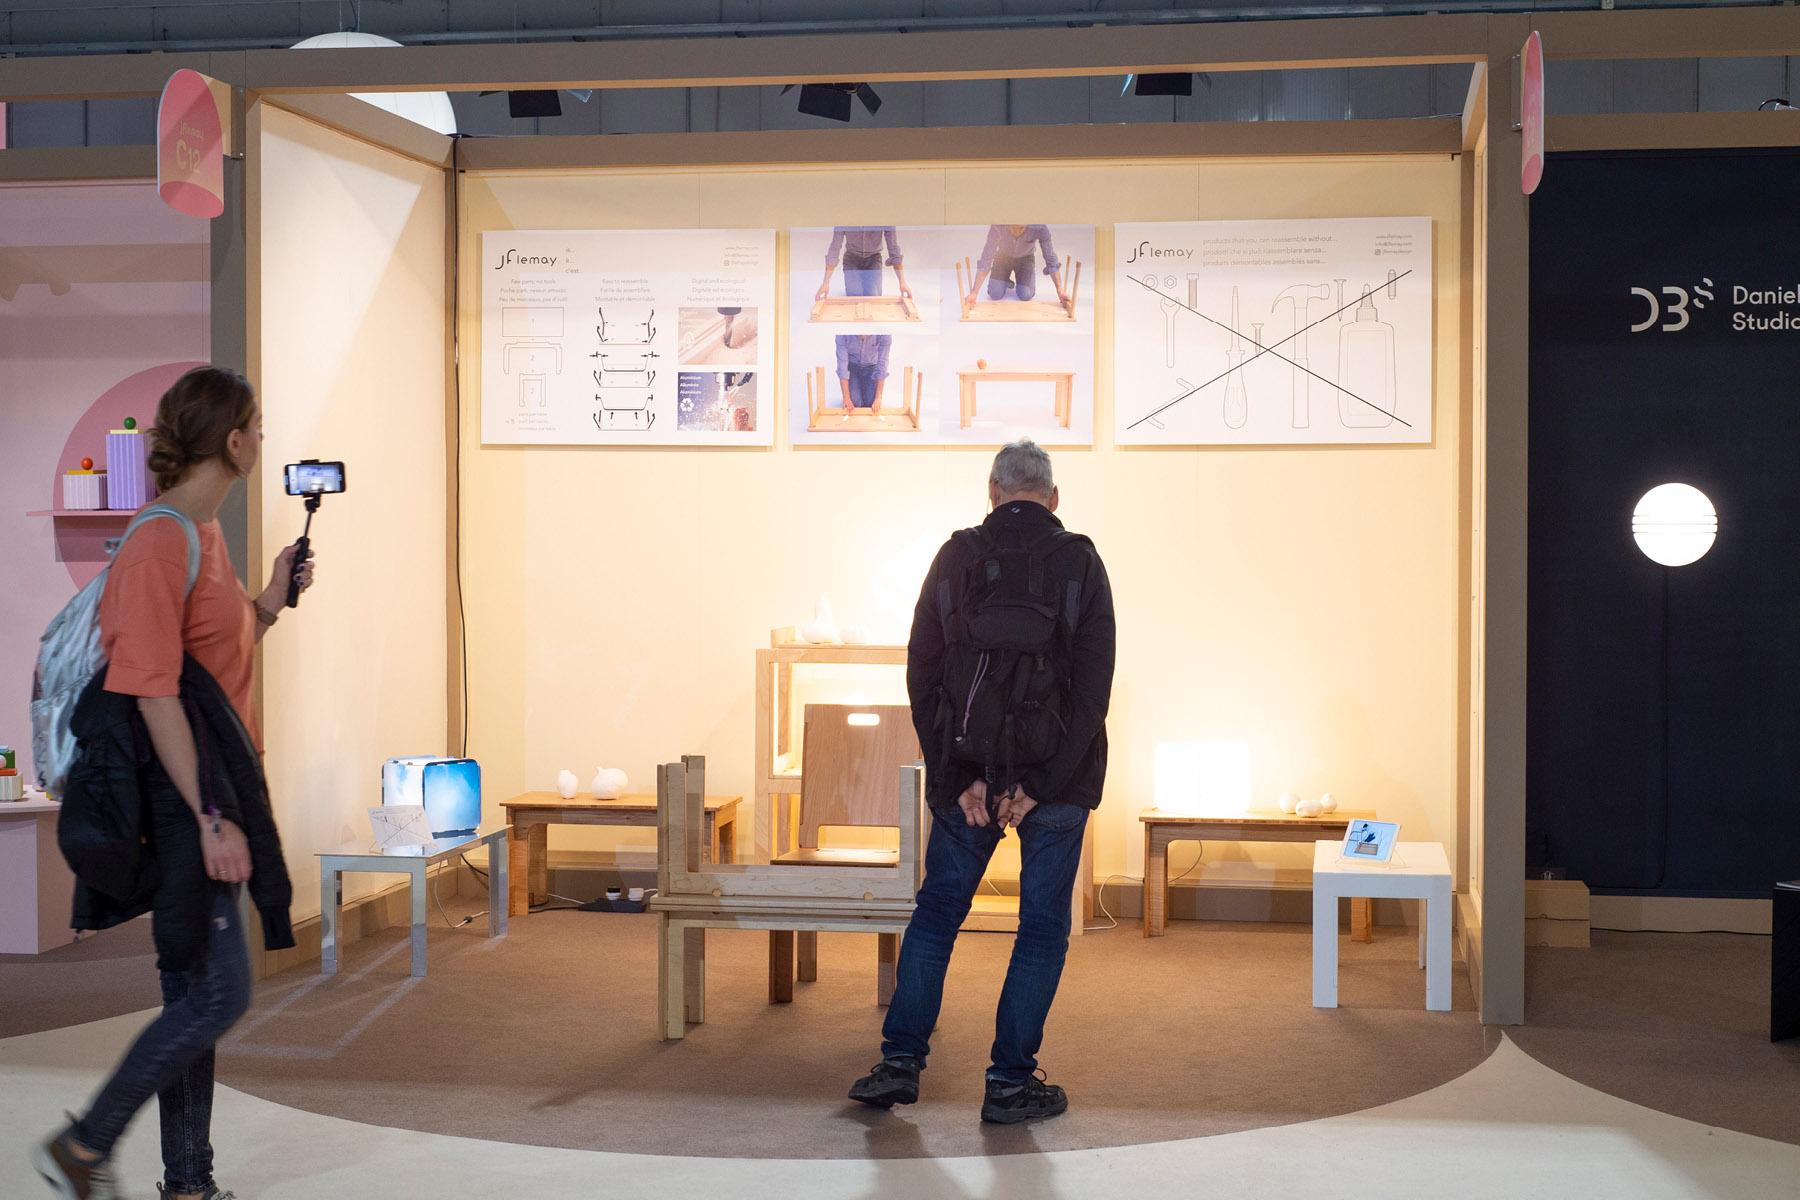 Jflemay's kiosk at SaloneSatellite 2019